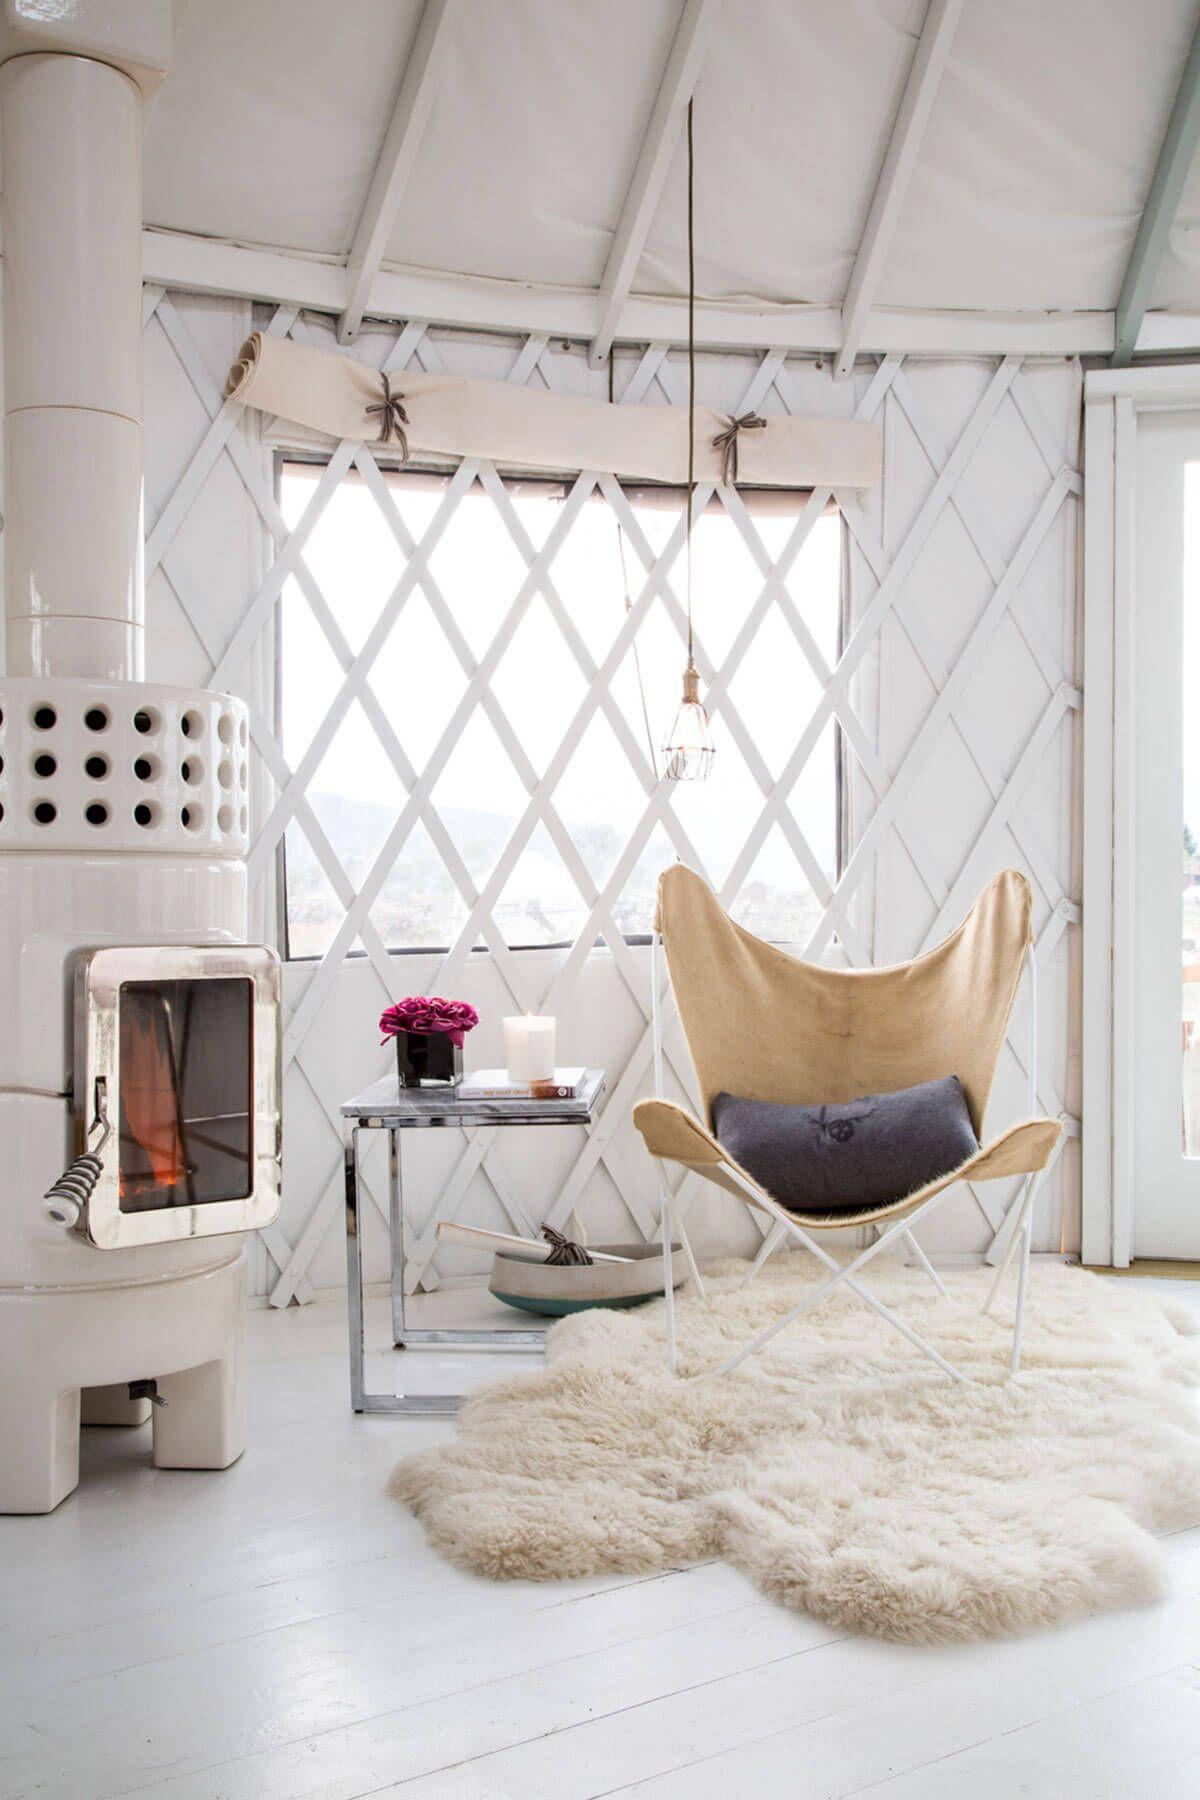 Modern yurt | Yurt interior | Pinterest | Yurts, Modern and Yurt ...